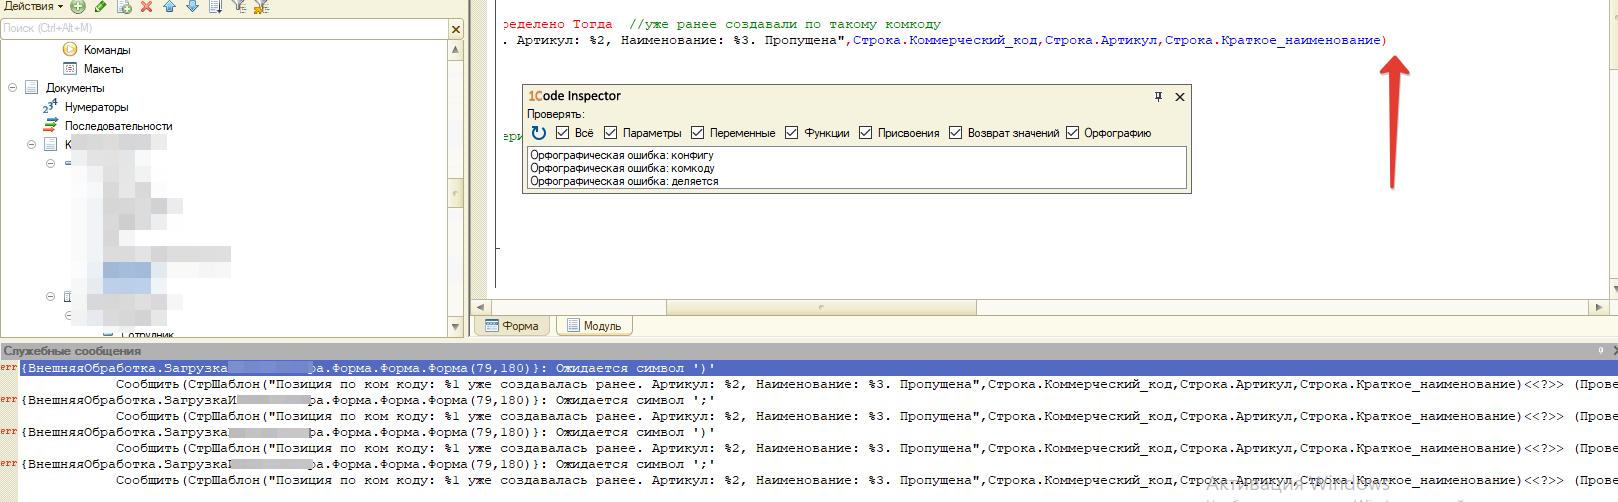 Image https://turboconf.ru/Content/Files/0E0CB0262E6D00CD8DEB8BD012D4A36991415948/2020-05-21_00-51-45.png